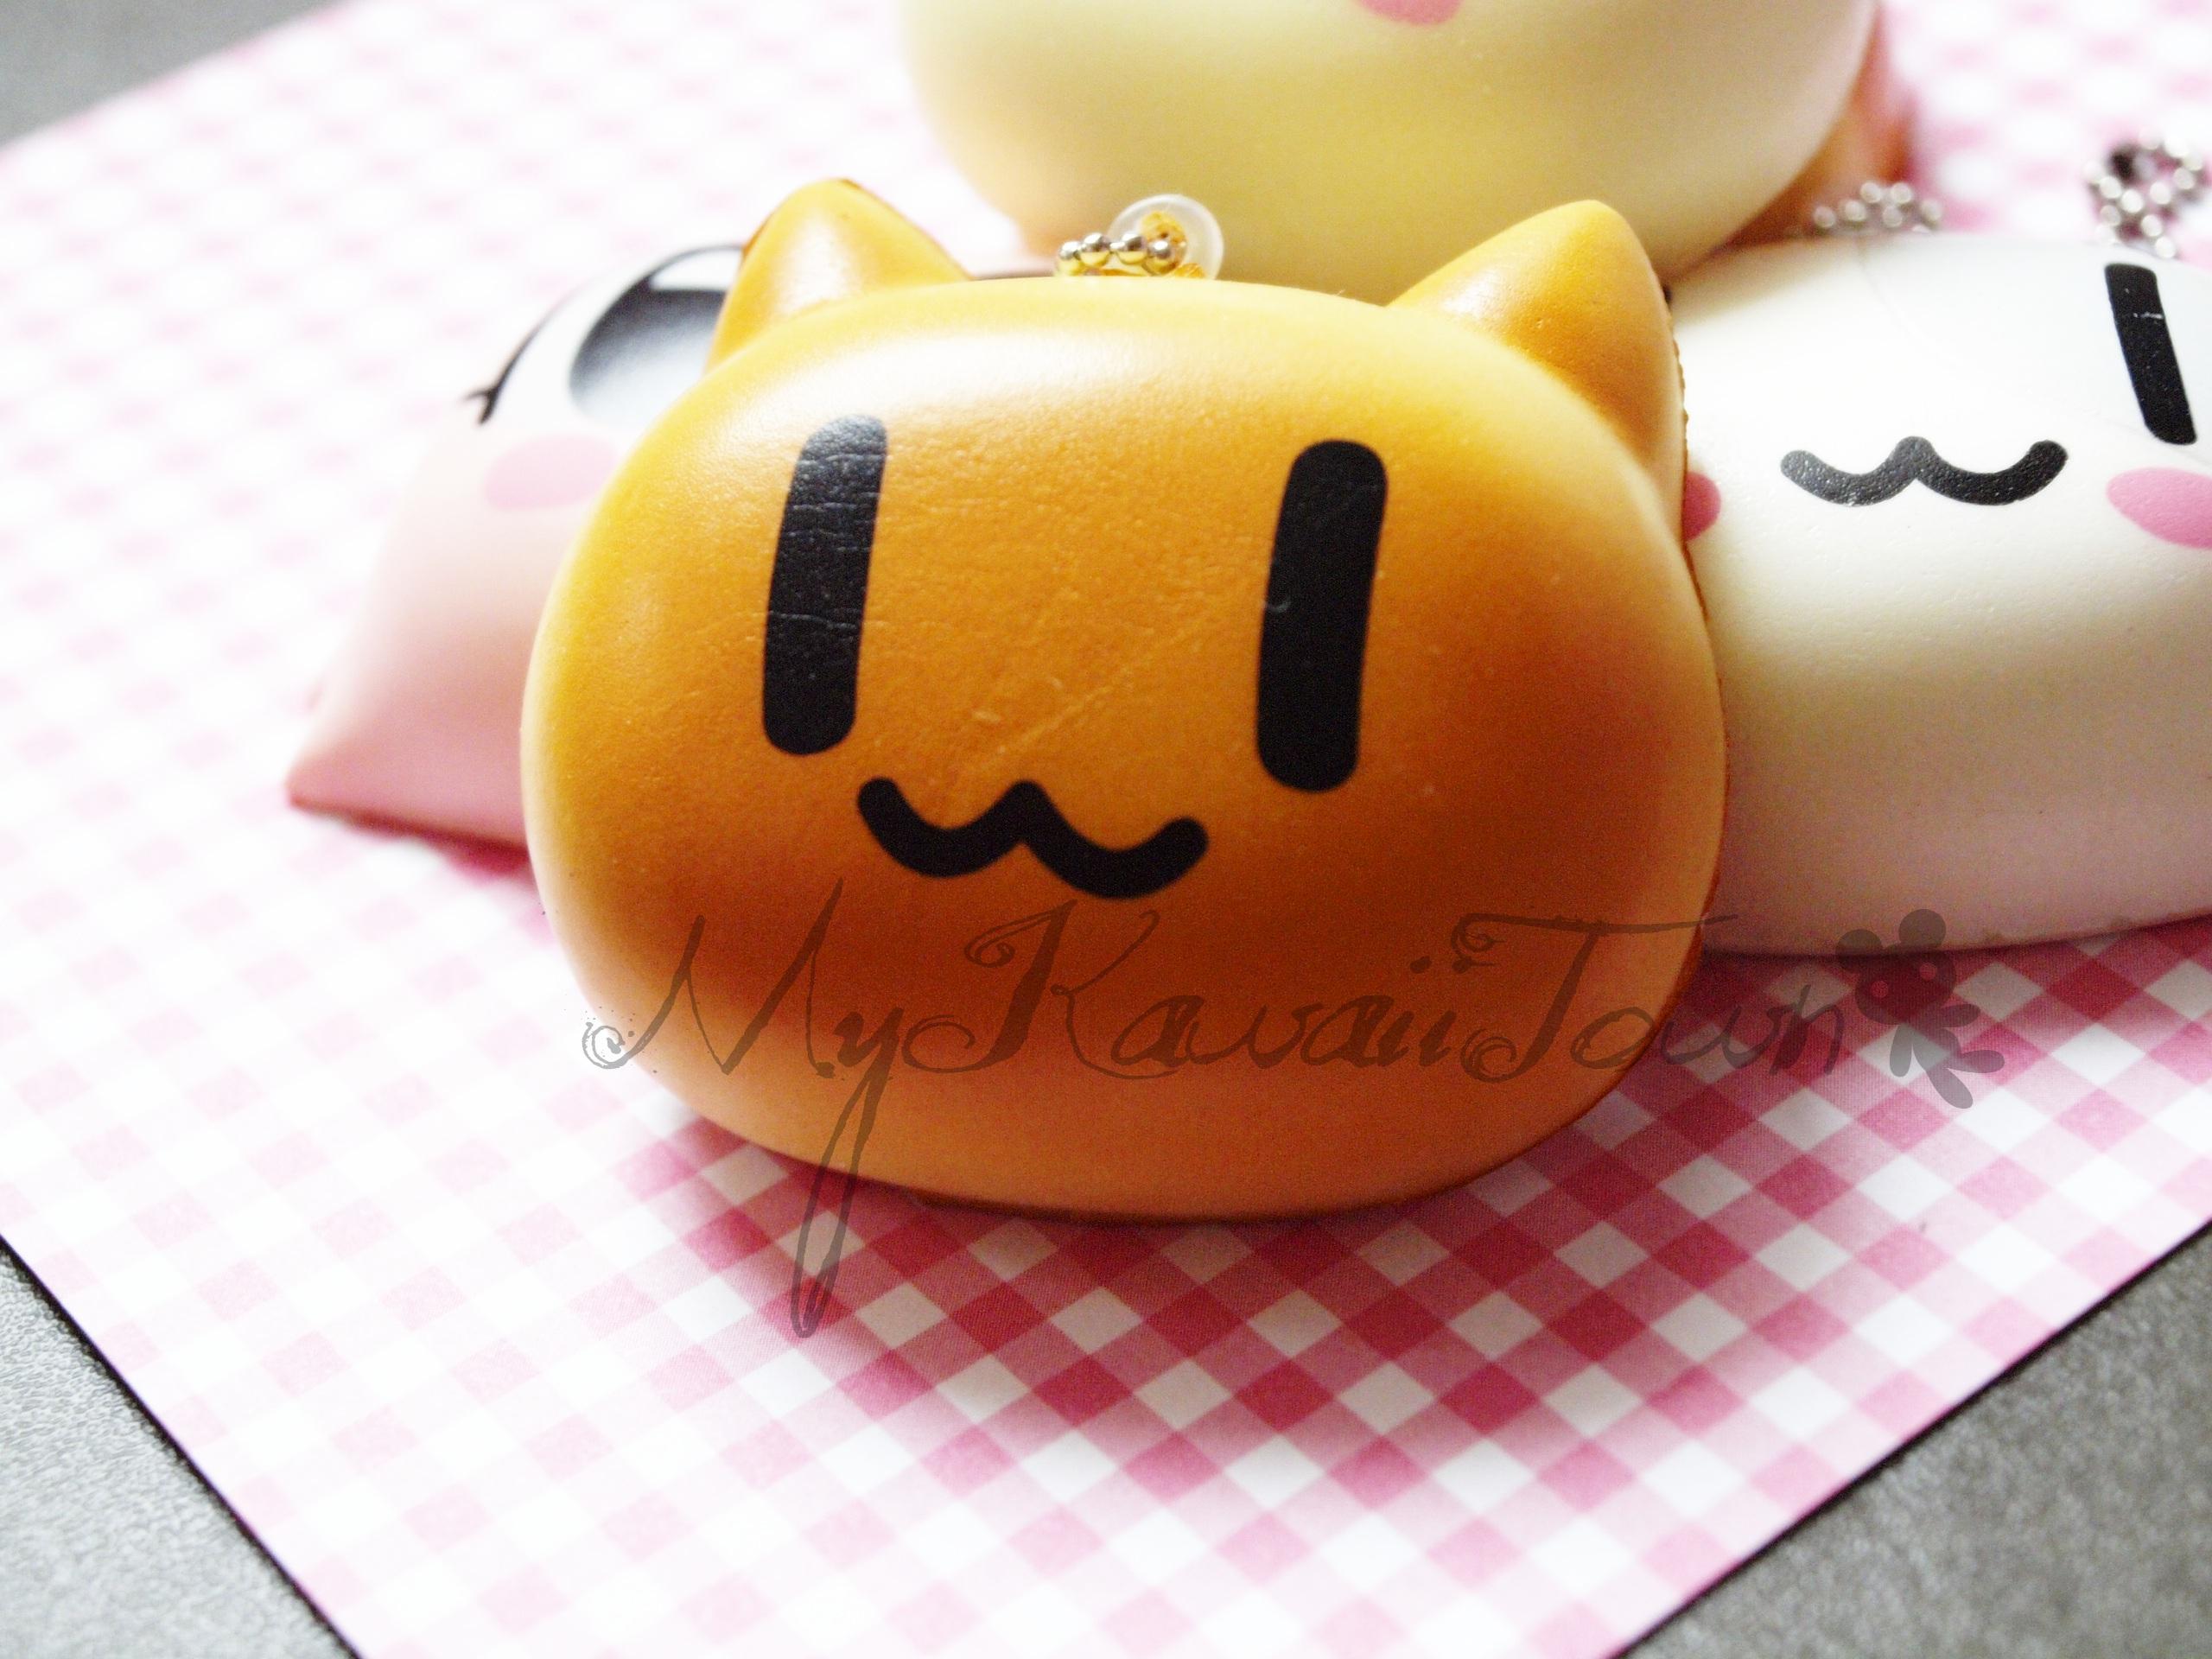 Squishy Muffinz Merch : Mykawaiitown Squishy Kitties Online Store Powered by Storenvy